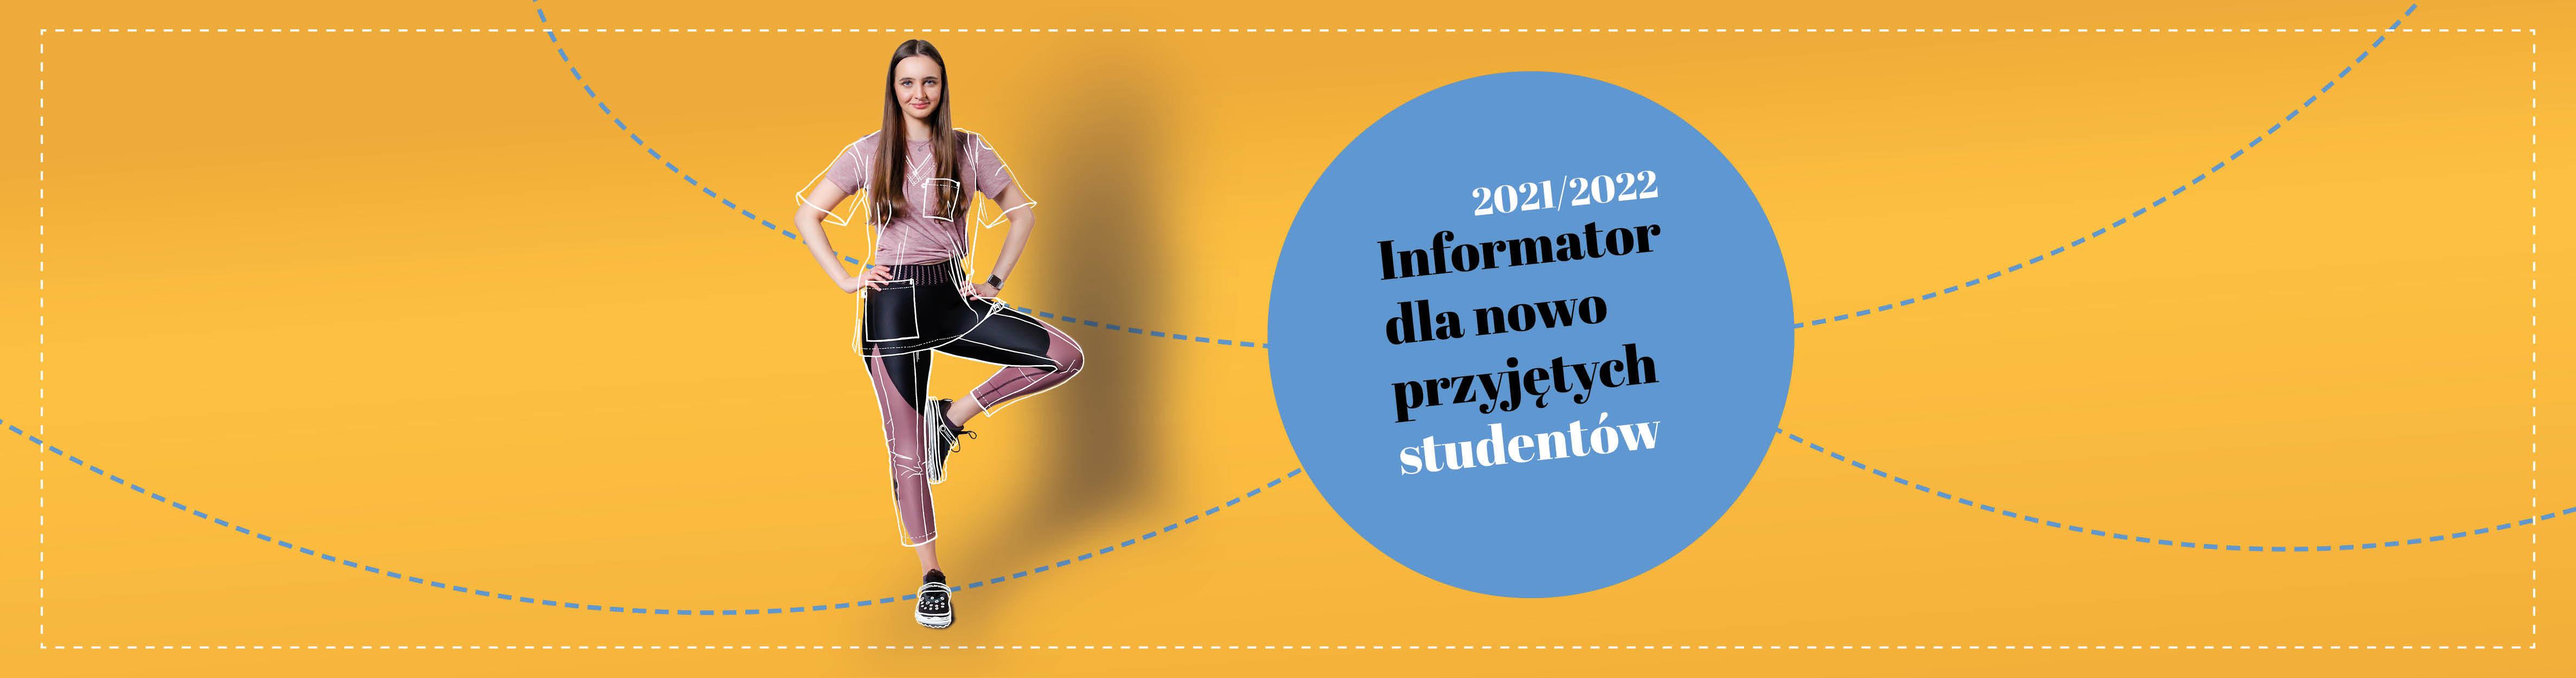 Informacje dla nowo przyjętych studentów 2021